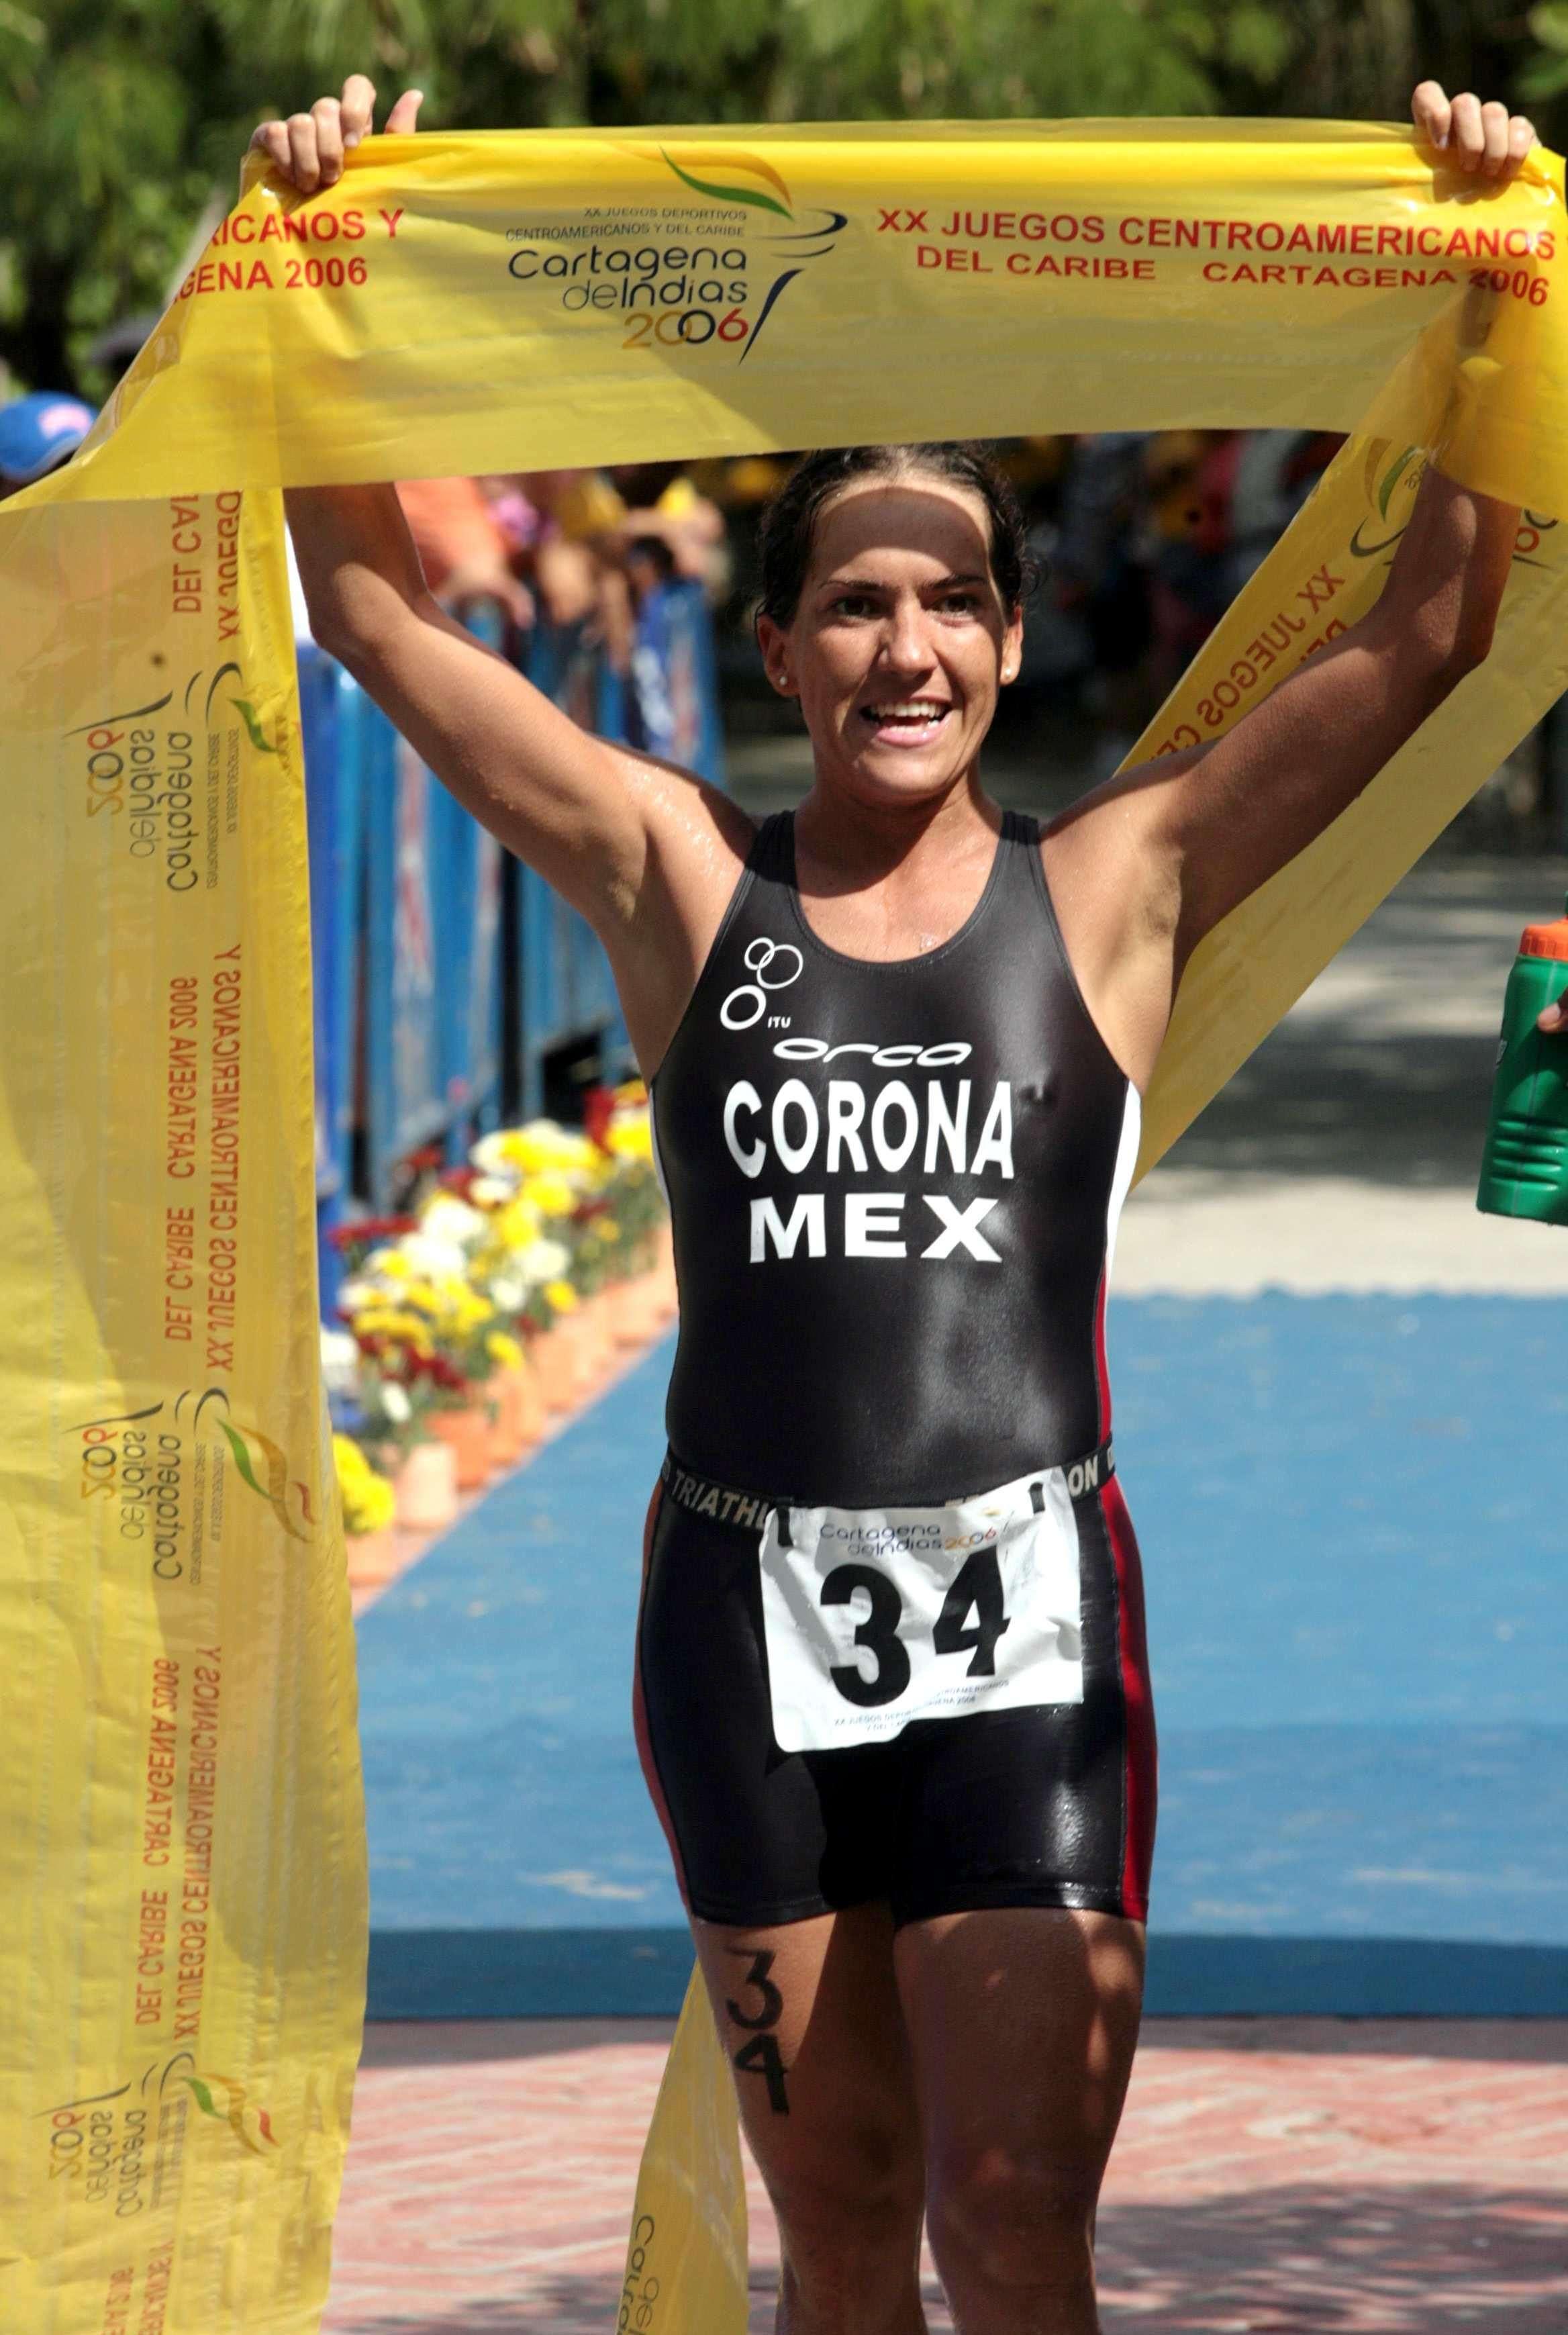 Fabiola Corona, es una de las atletas secuestradas, Corona fue competidora en Juegos Olímpicos. Foto: Mexsport